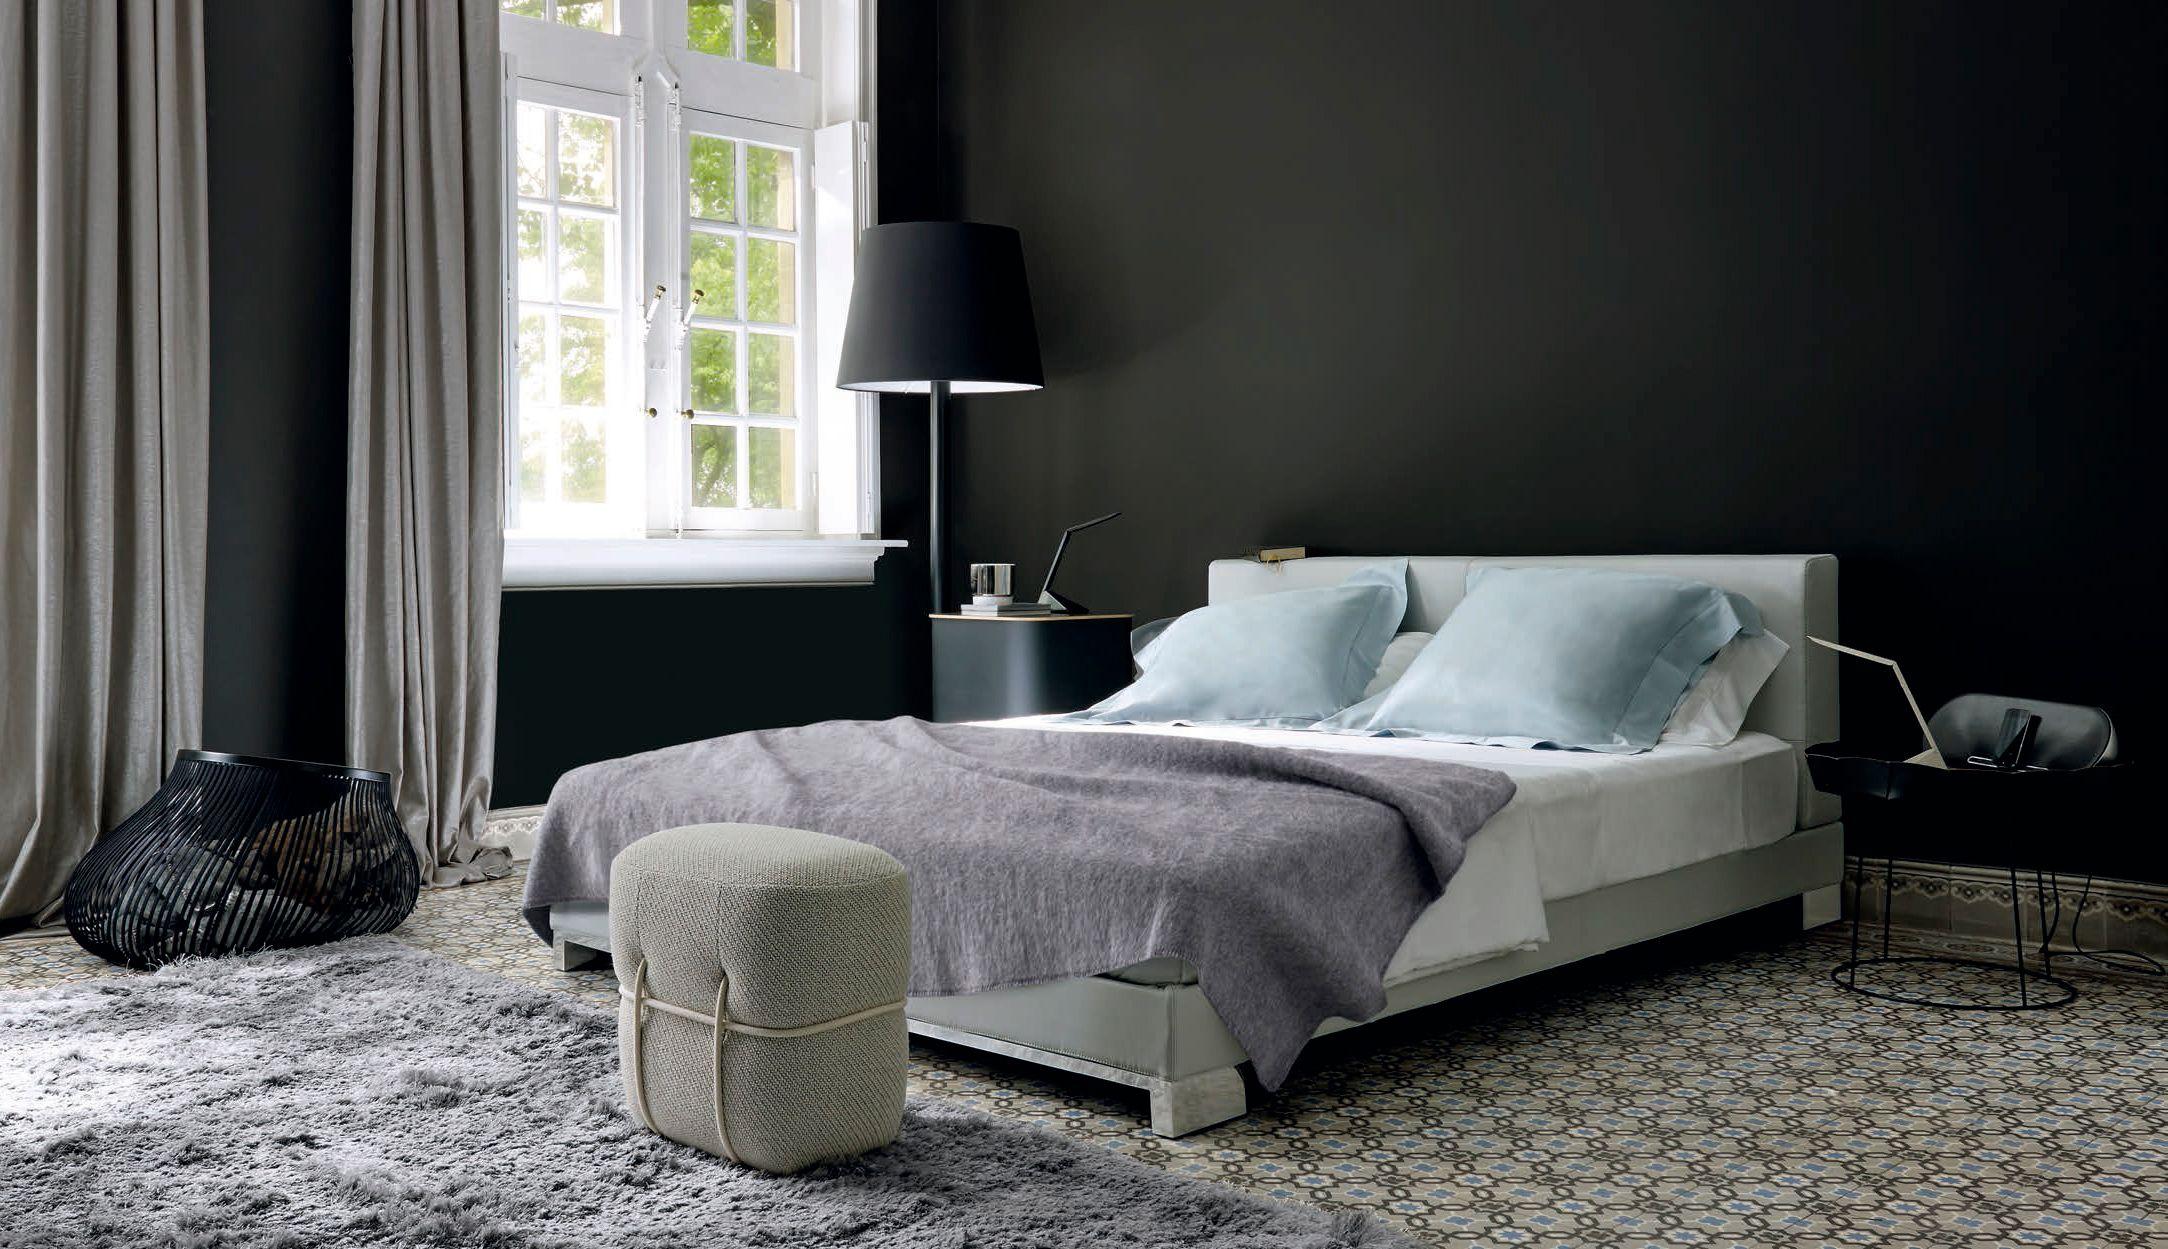 Anna Bed Designed By Christian Werner For Ligne Roset Available At Linea Inc Modern Furniture Los Angeles Info Modern Bed Ligne Roset Bedroom Inspirations